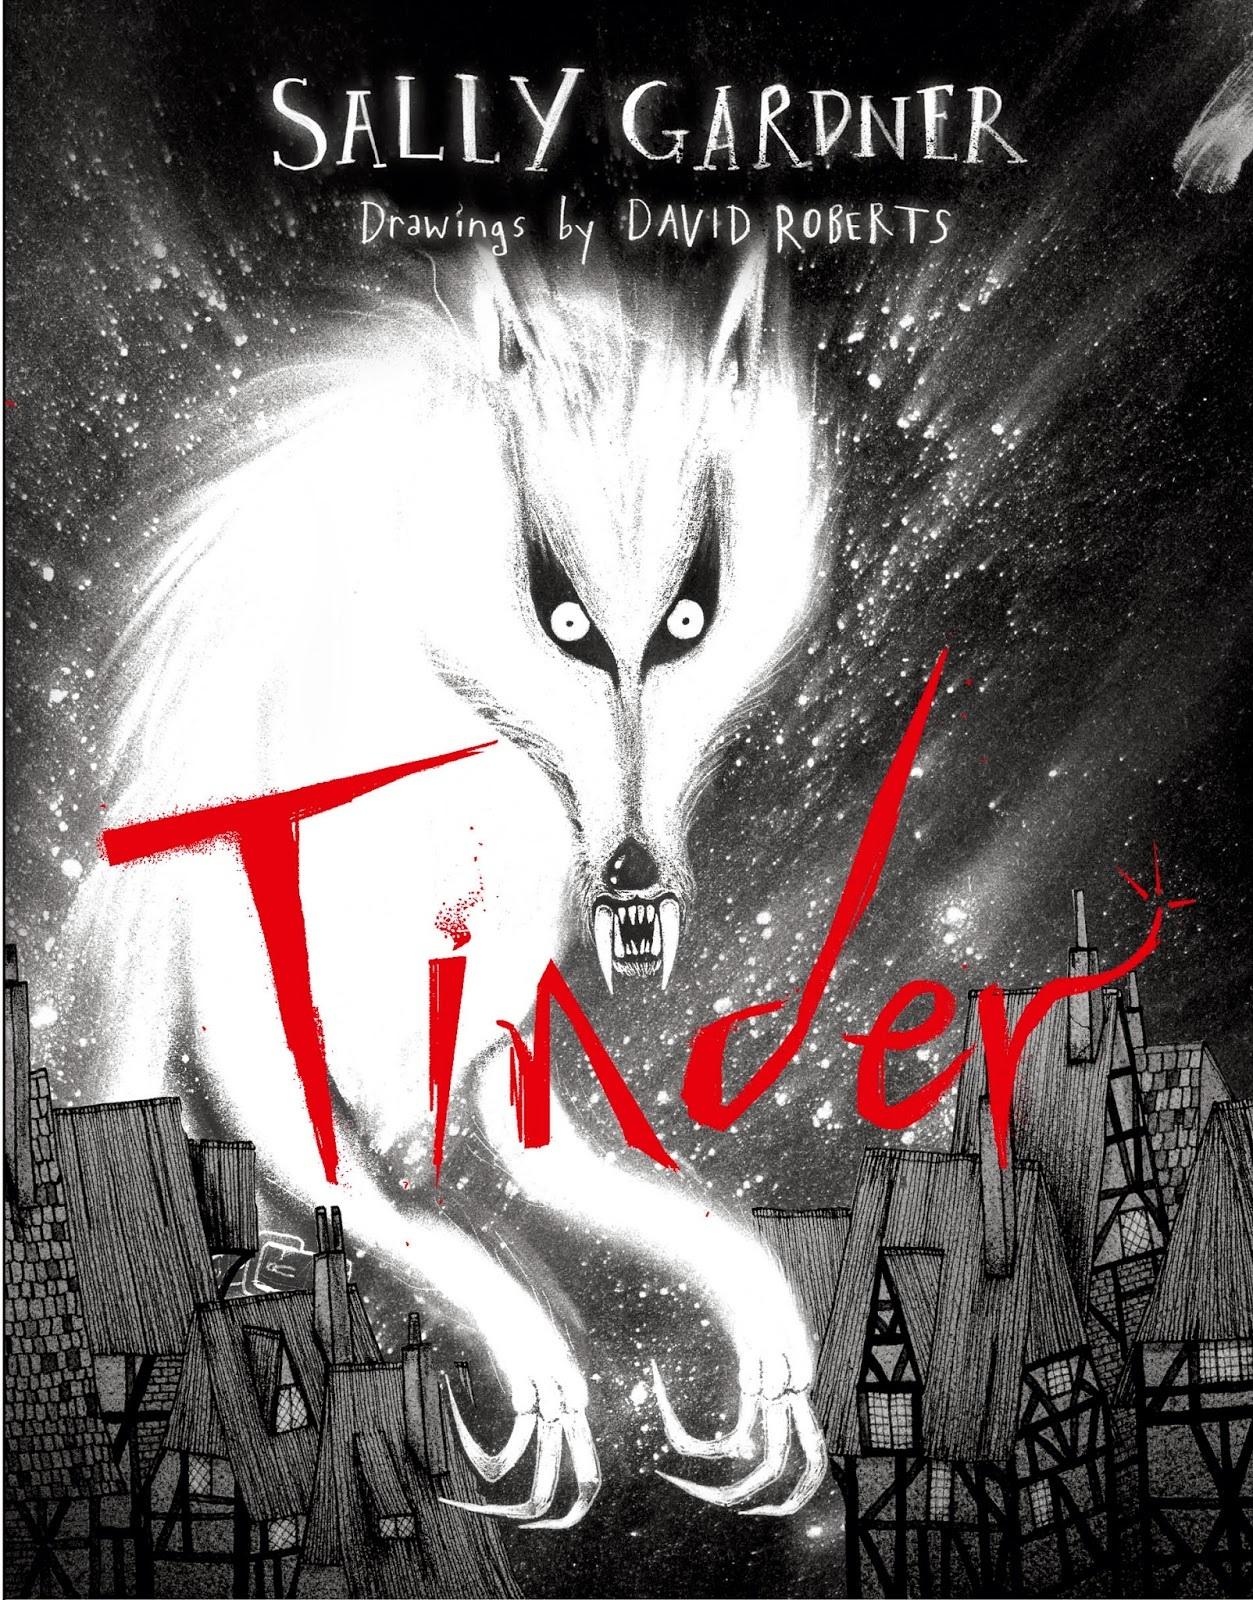 Tinder by Sally Gardner image